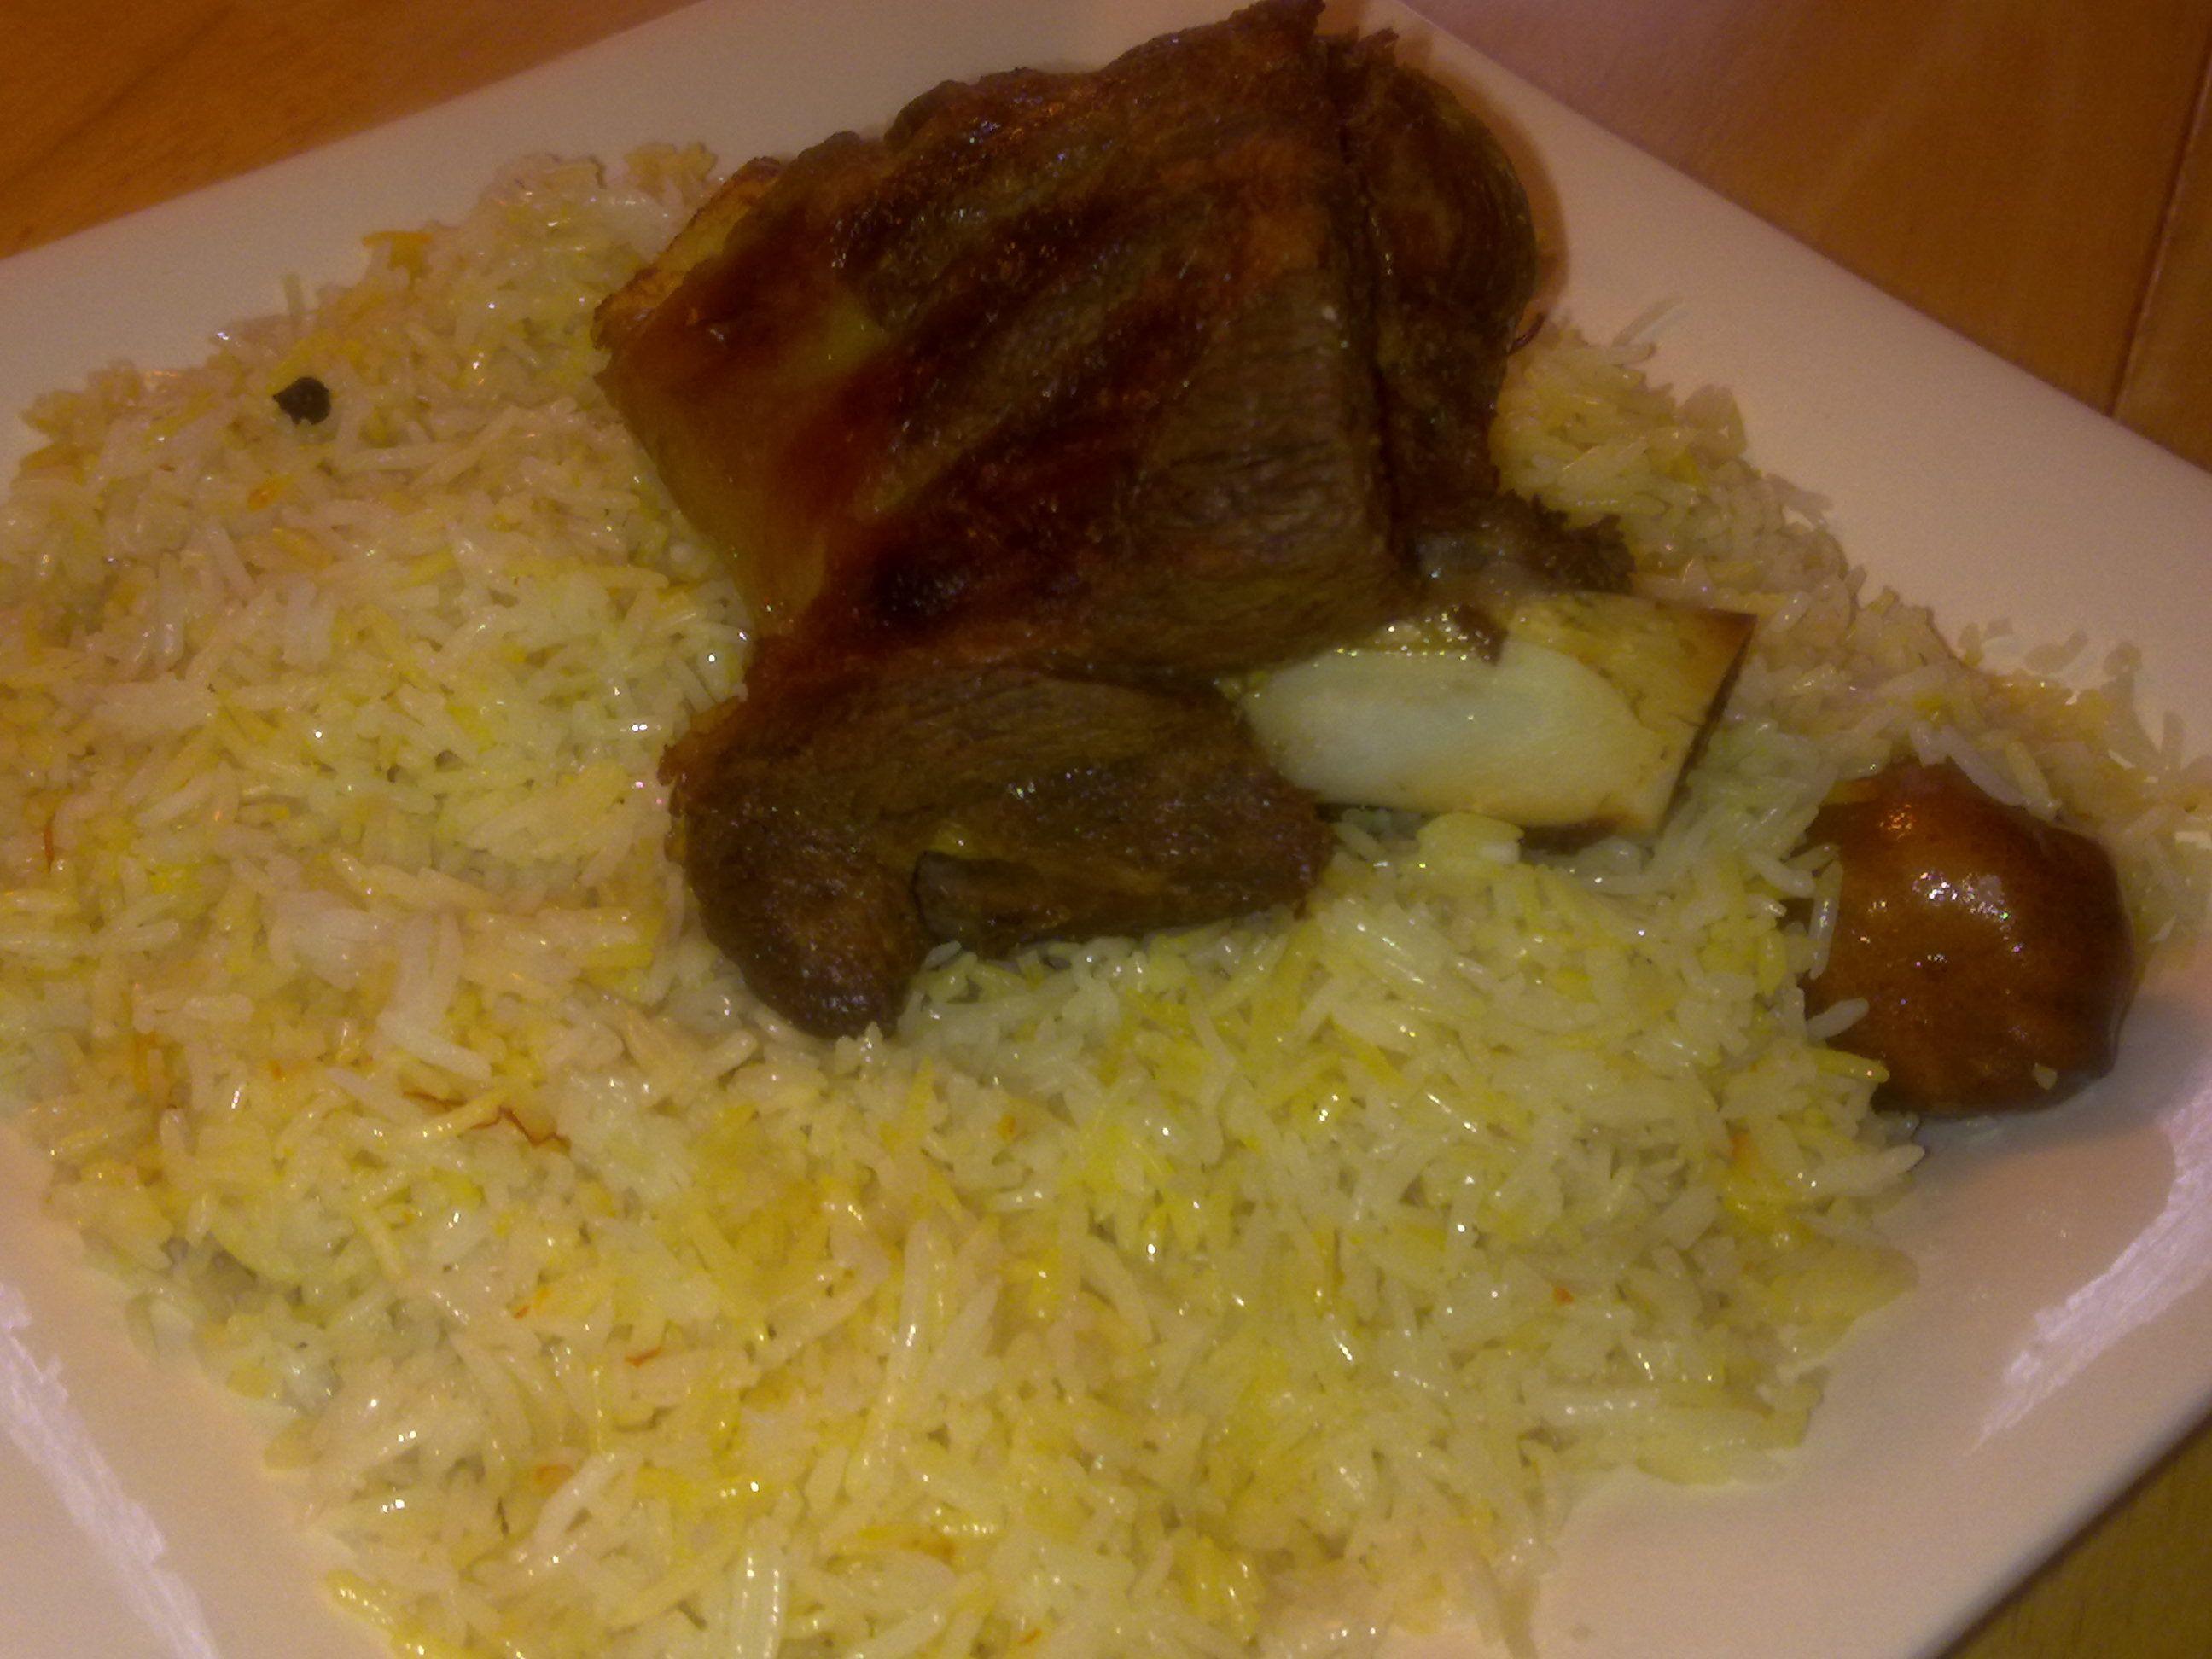 Yemen lamb and rice mandi 1 dr lamya almas food yemen lamb and rice mandi 1 dr lamya almas forumfinder Images